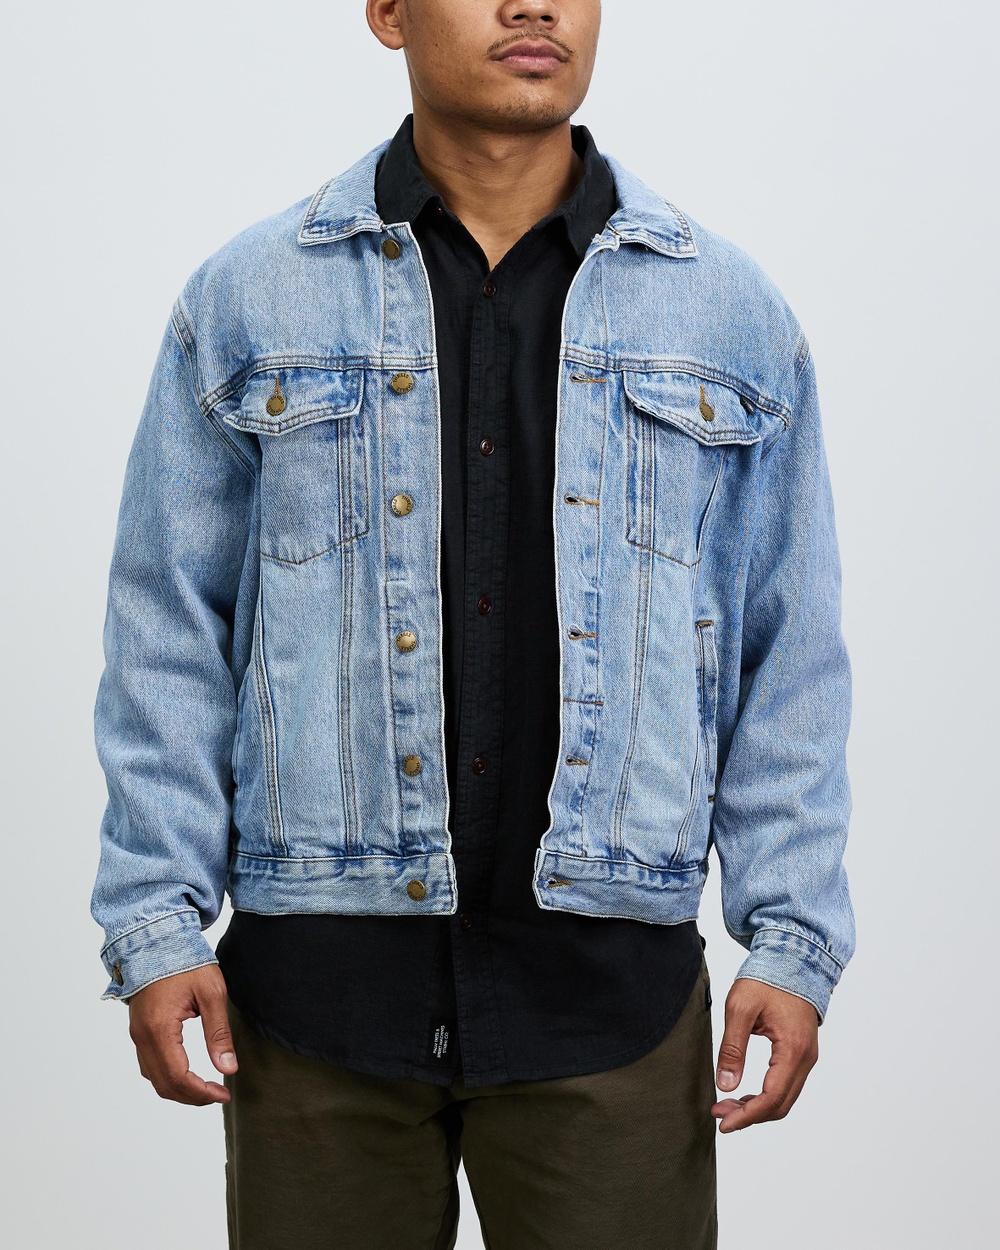 Thrills Oversized Wanderer Denim Jacket jacket Aged Blue Australia